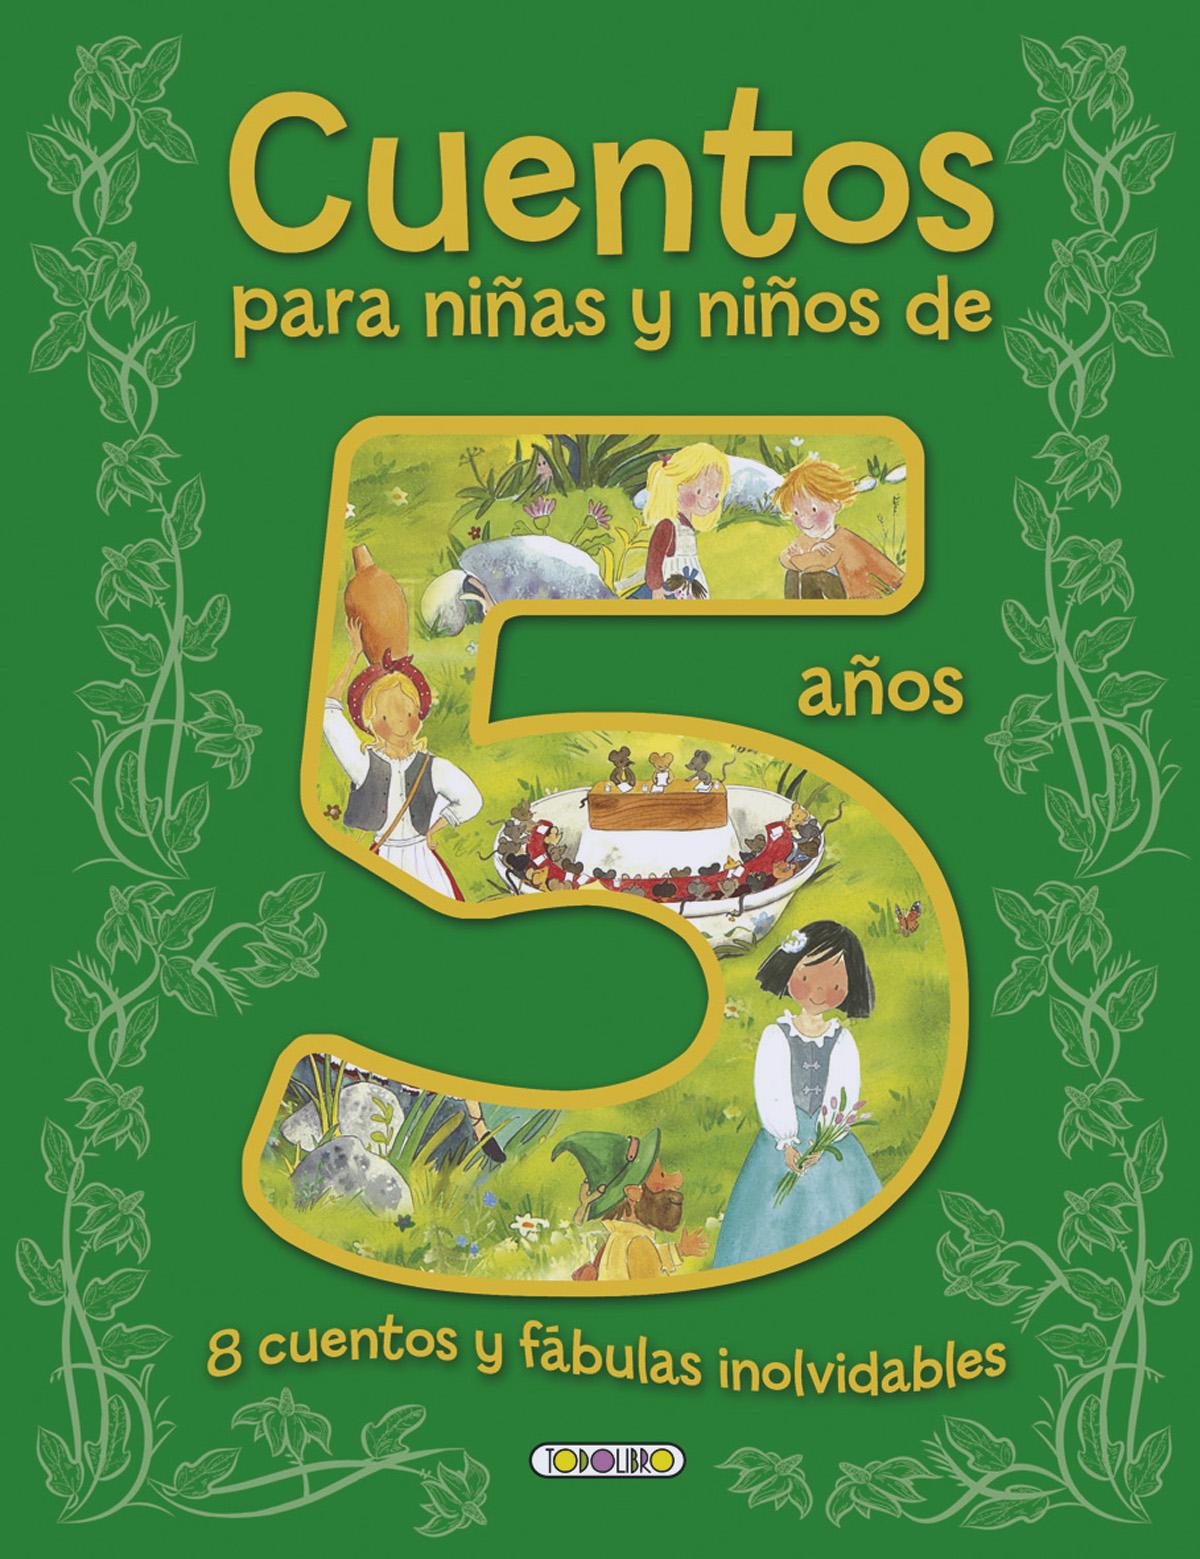 libros para ninos 5 anos